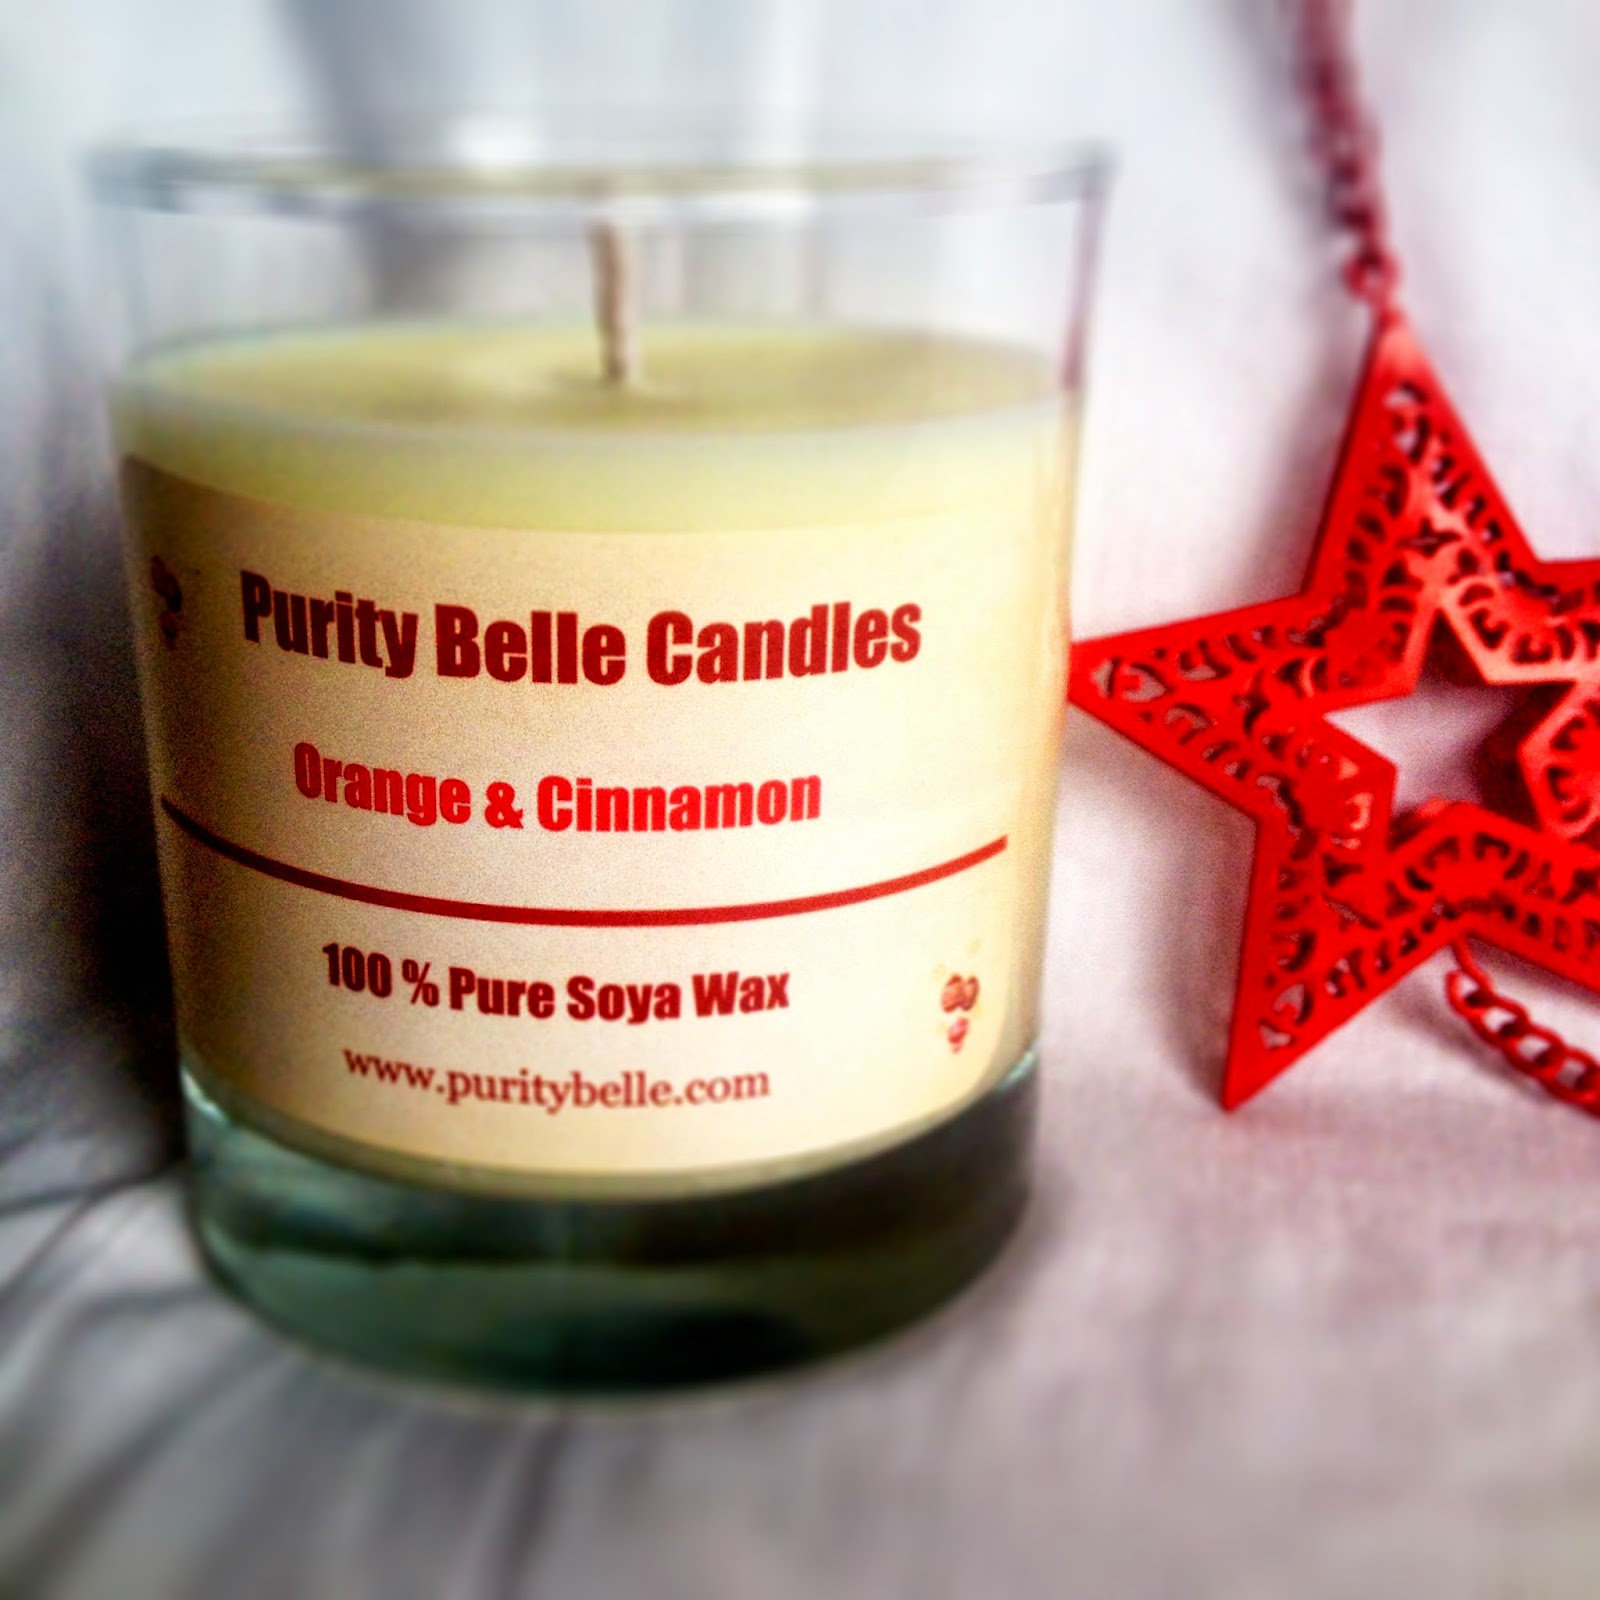 Orange & Cinnamon Candle Purity Belle